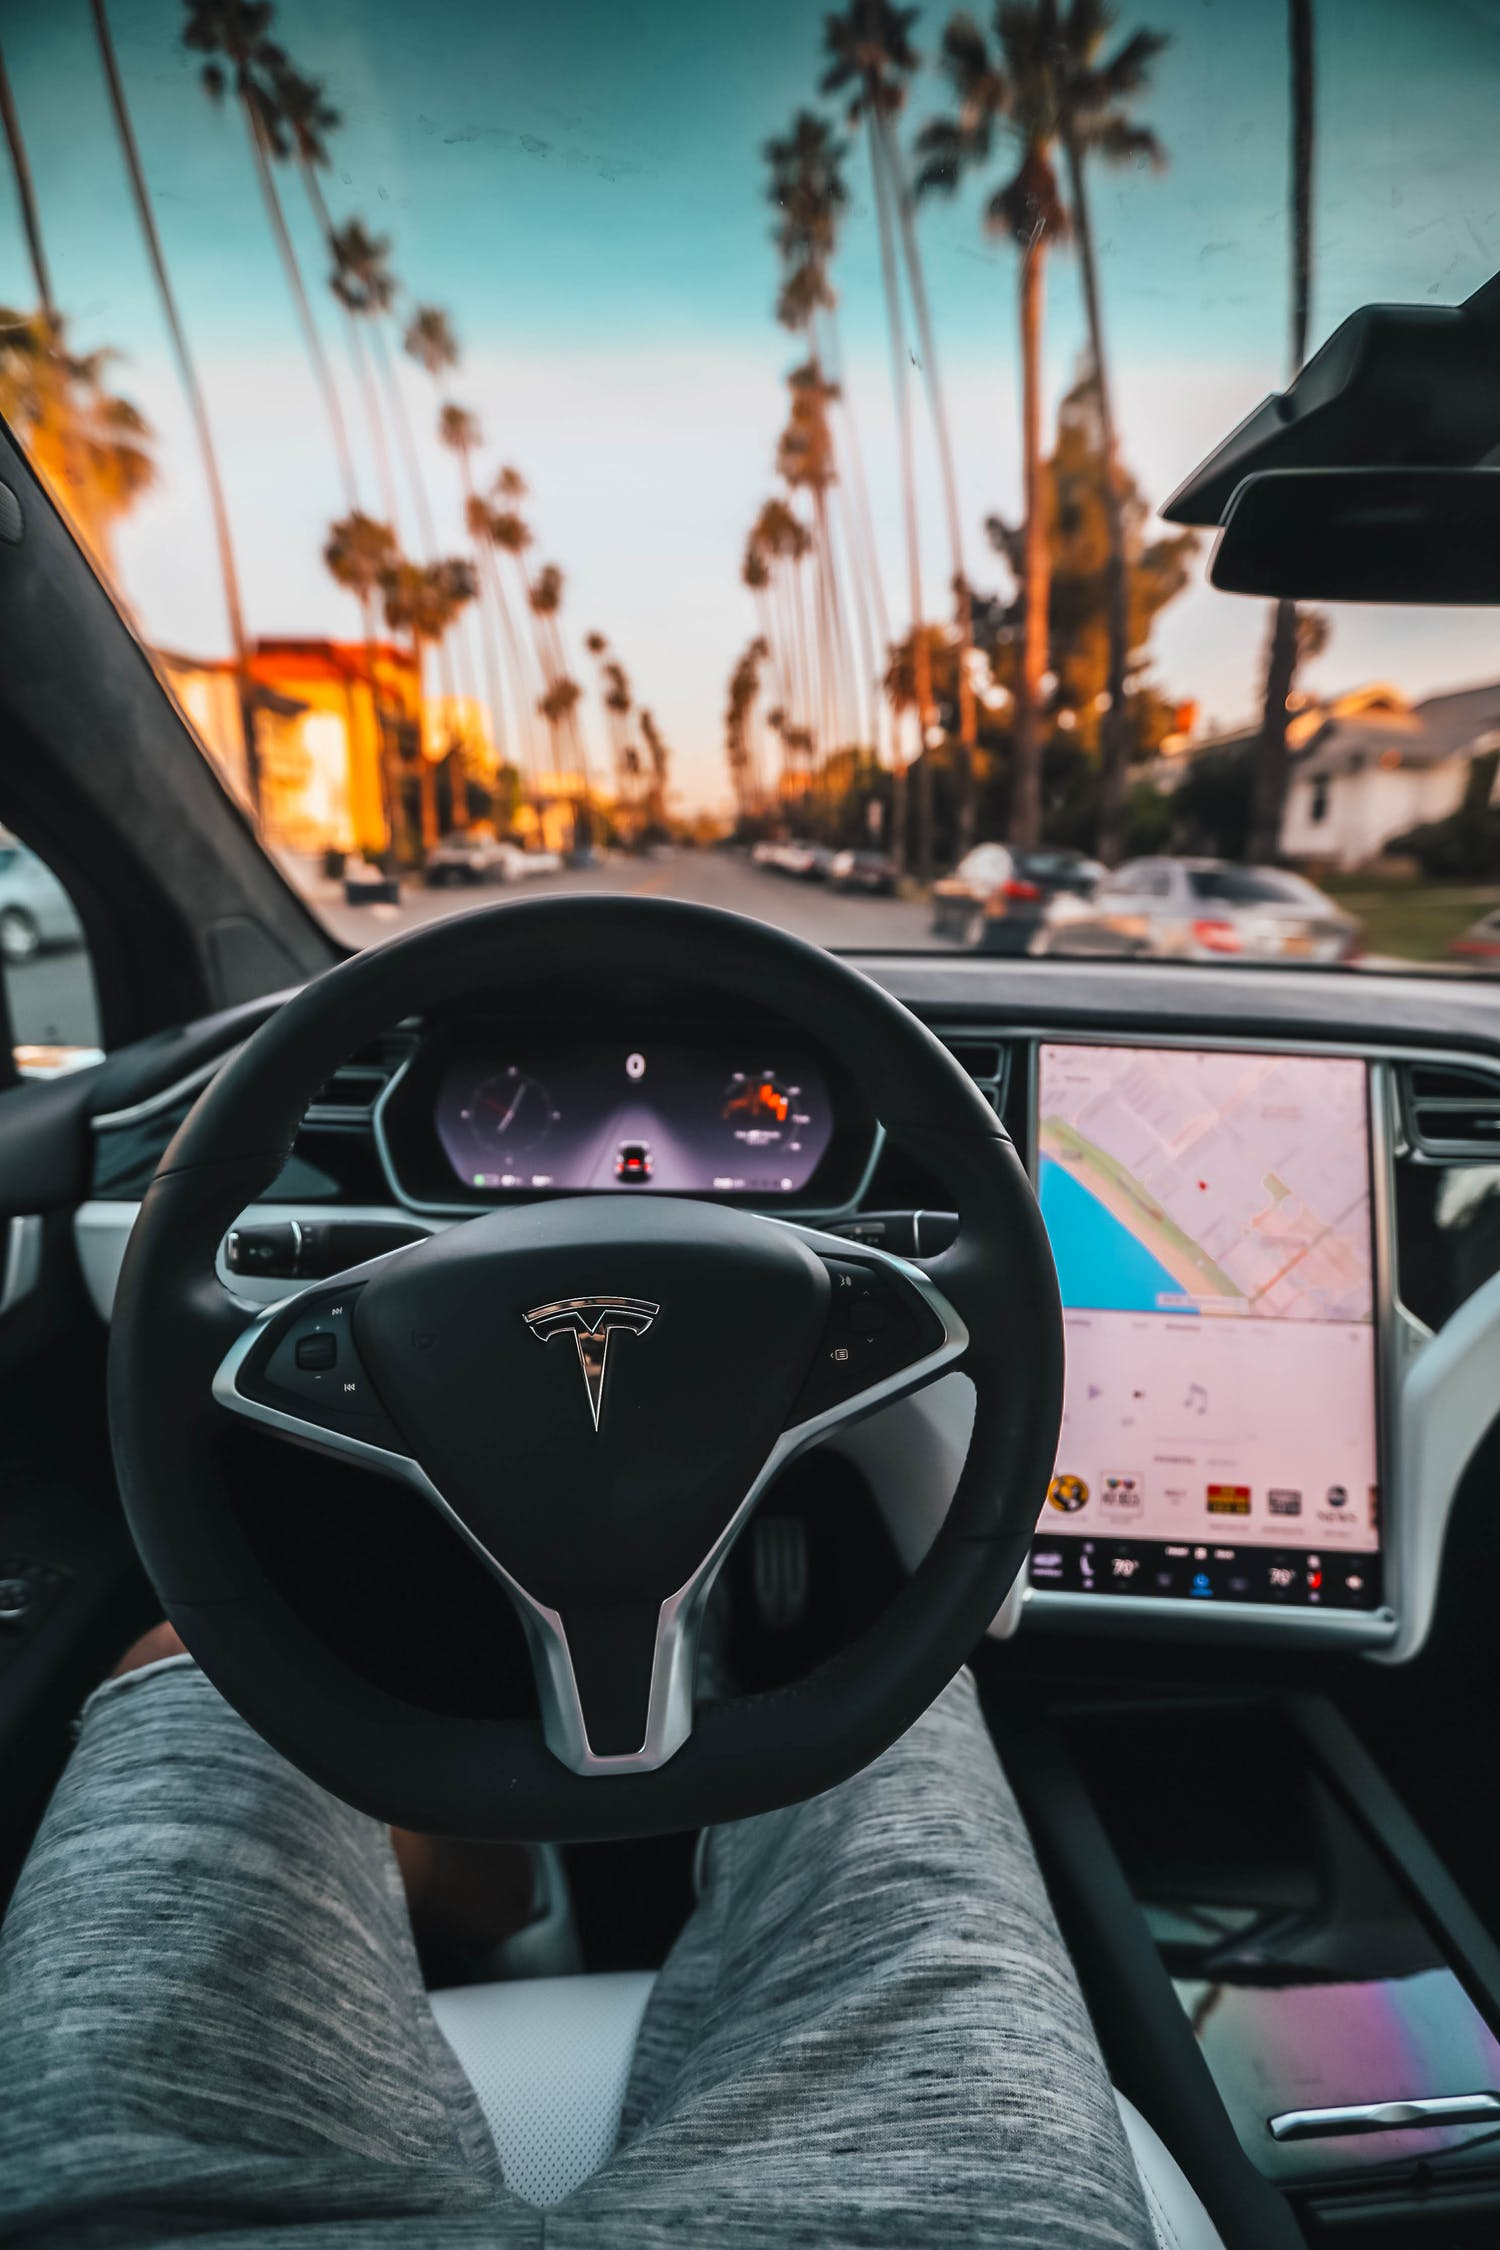 特斯拉车主测试无雷达Model Y,可成功识别和避障